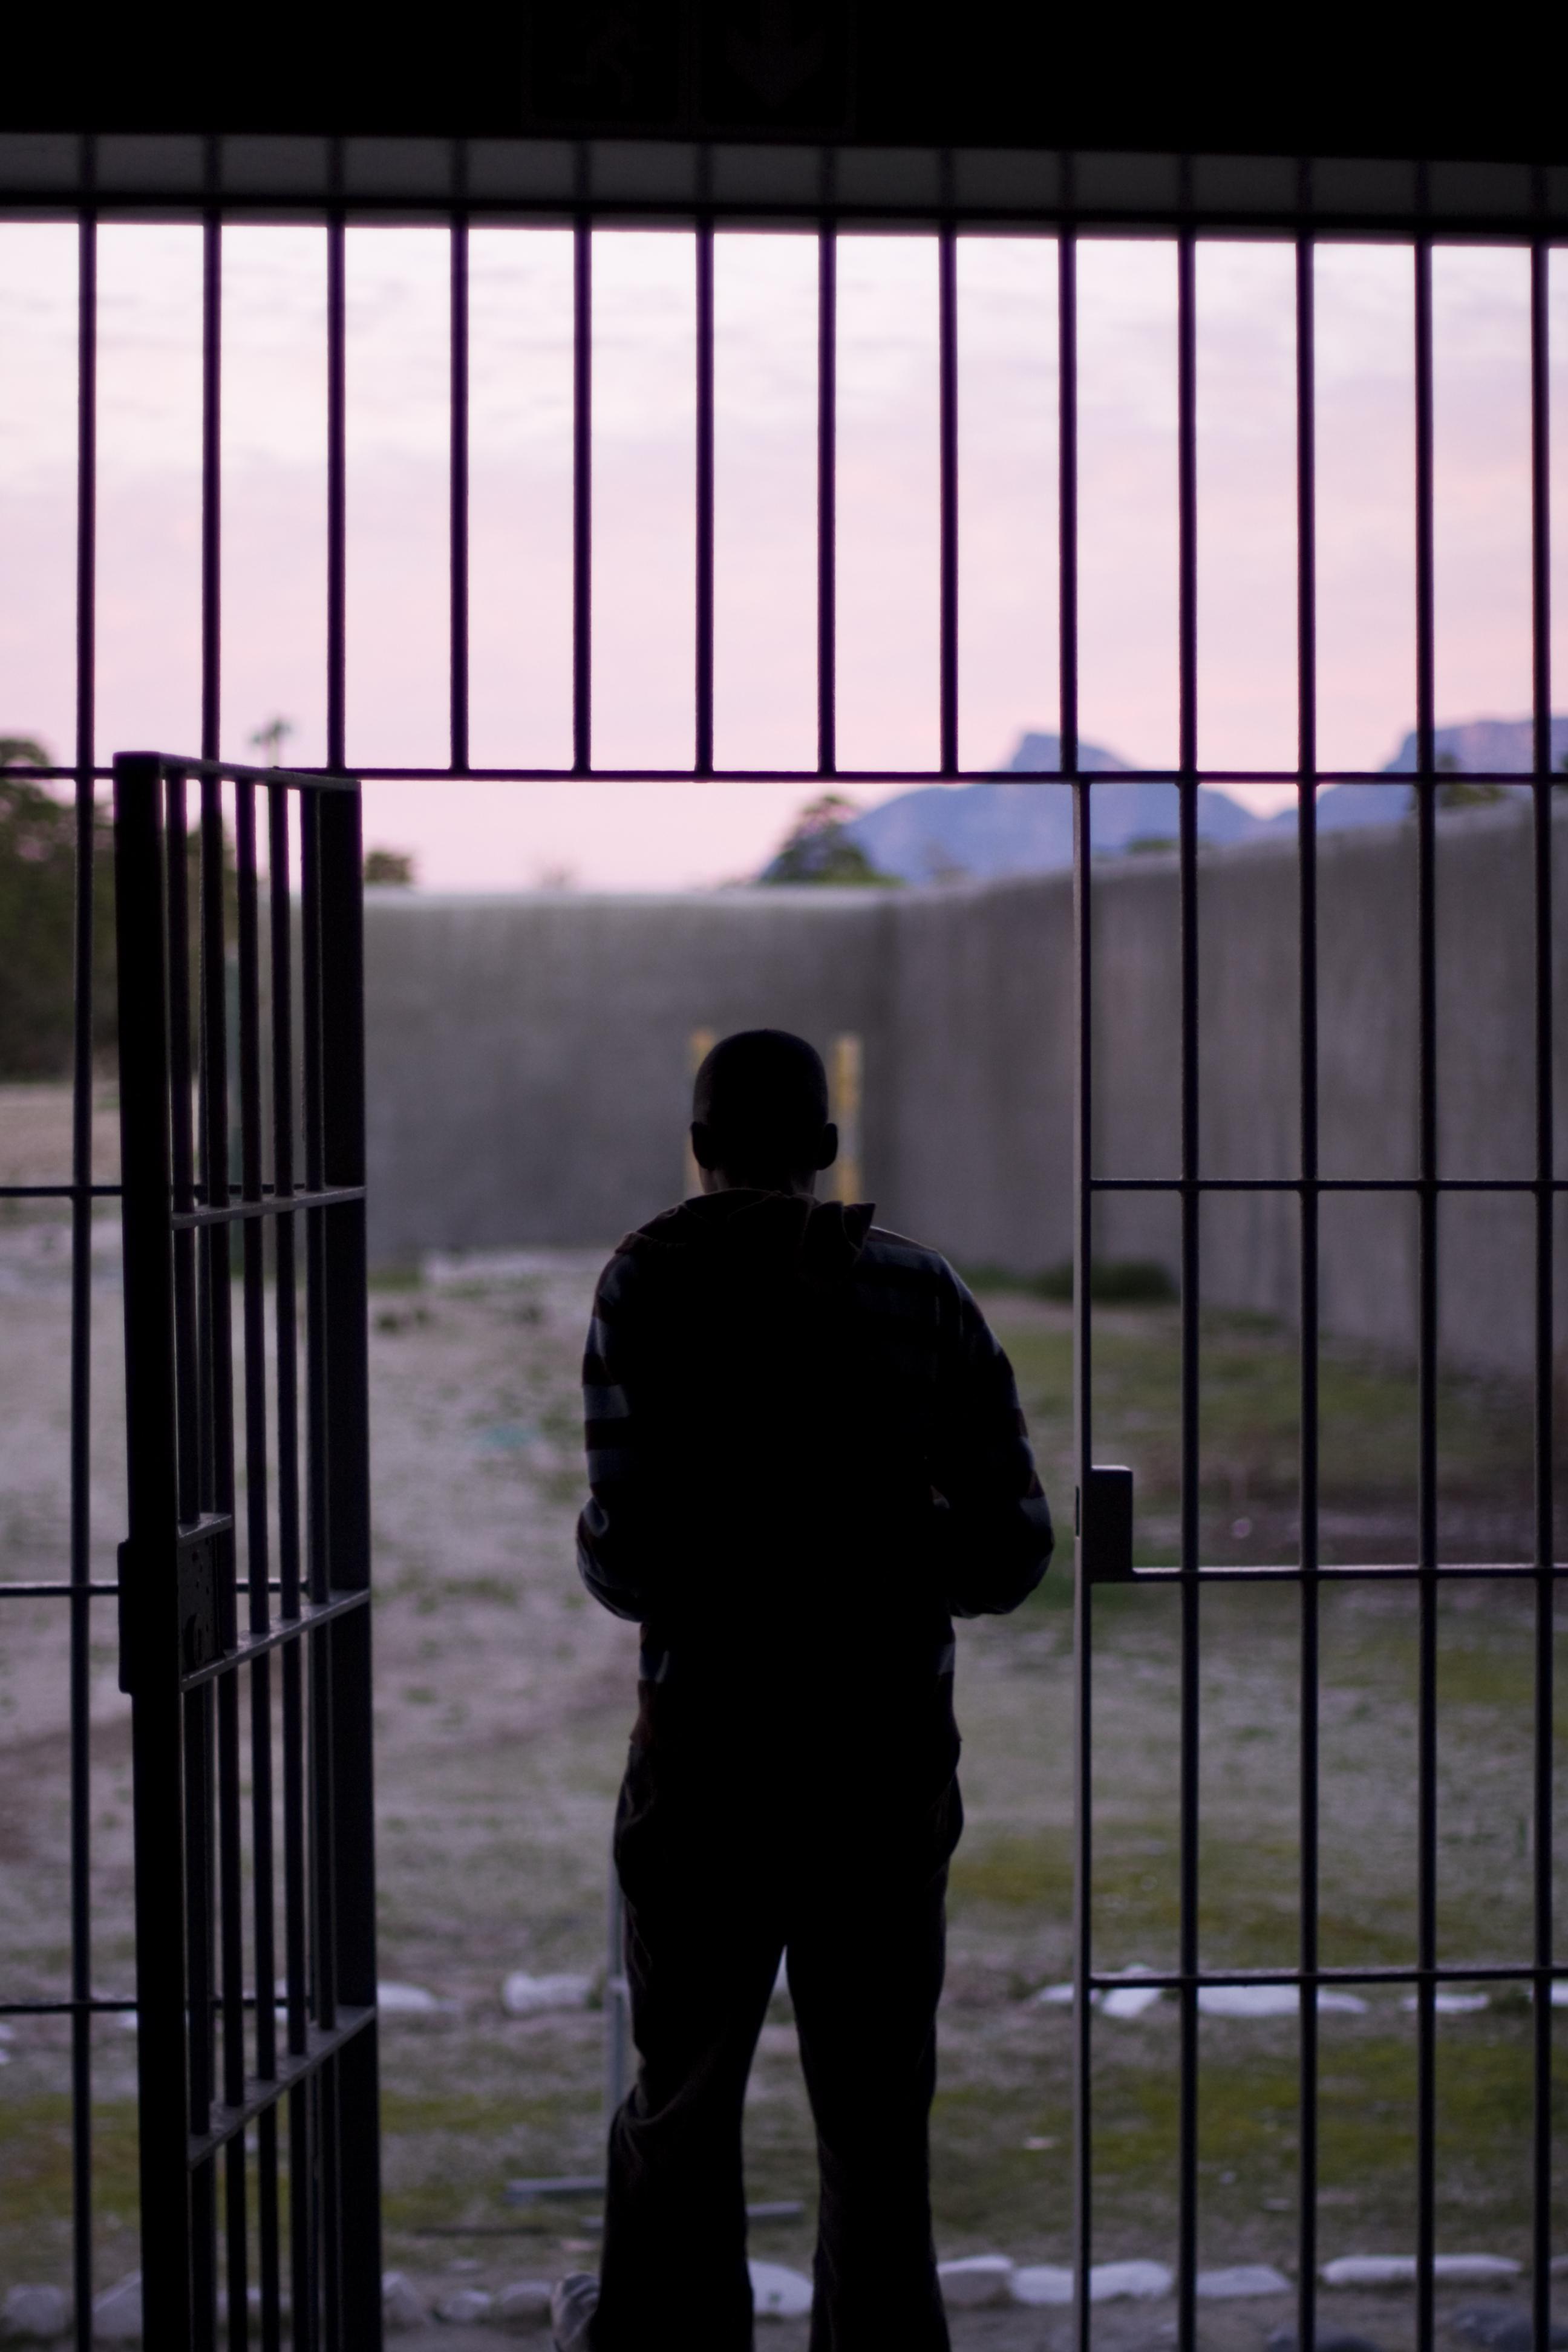 What Happens at a Juvenile Detention Center?